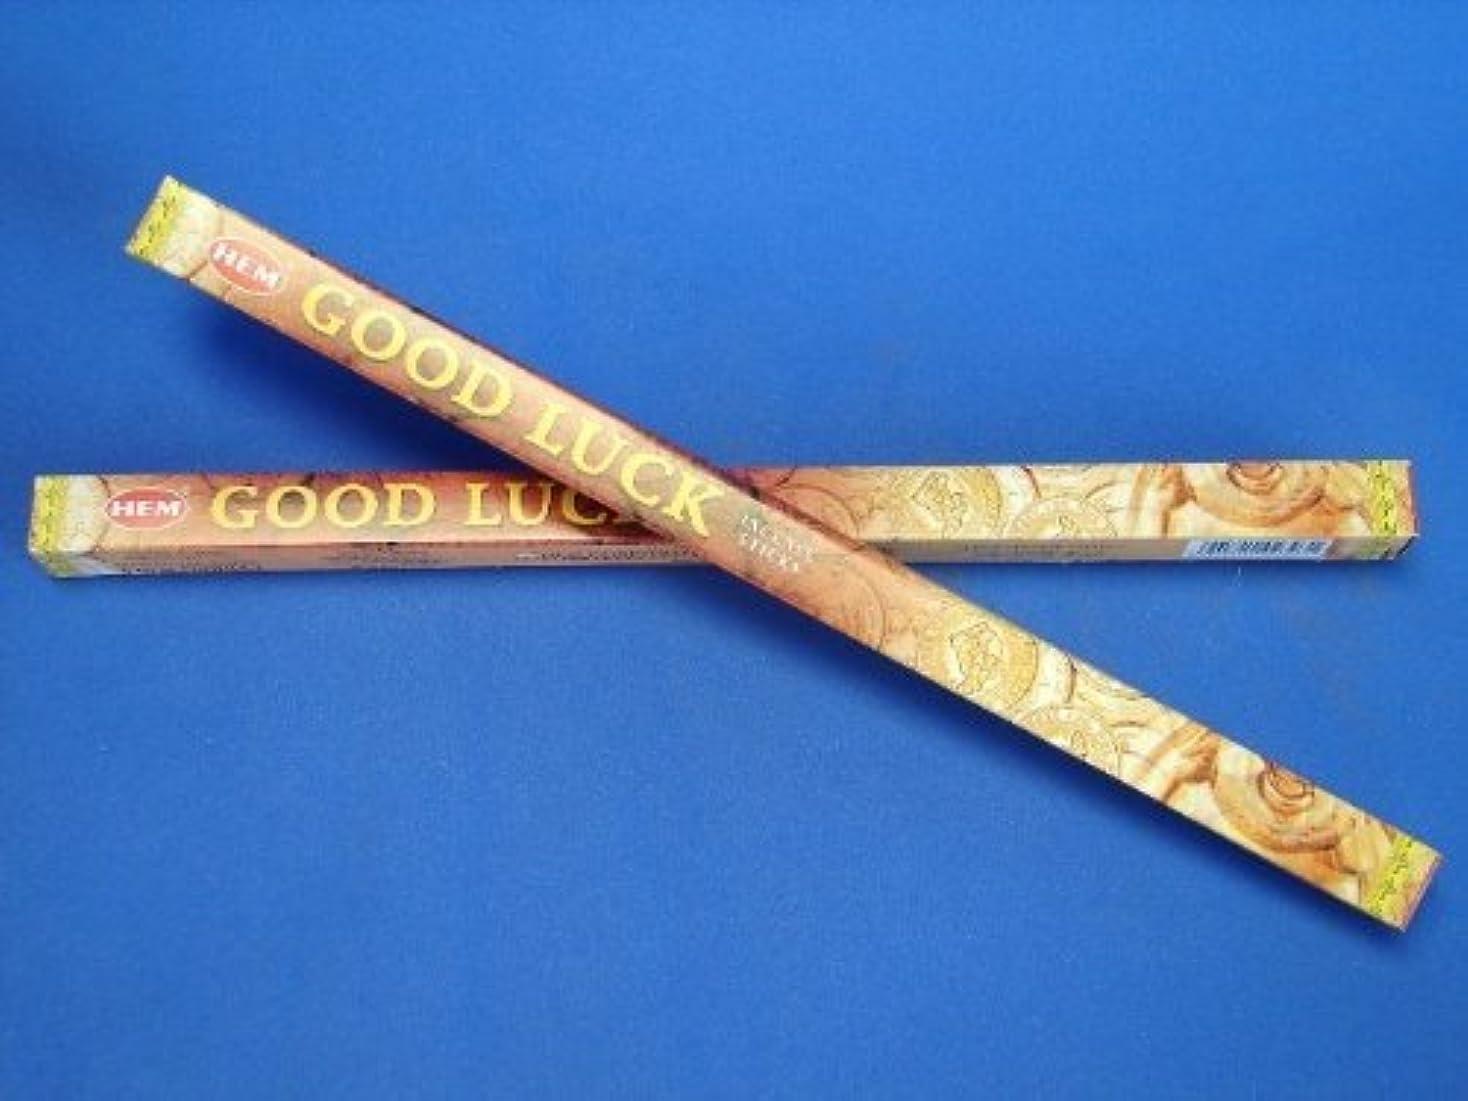 帰るチャーターあからさま4 Boxes of HEM Good Luck Incenses